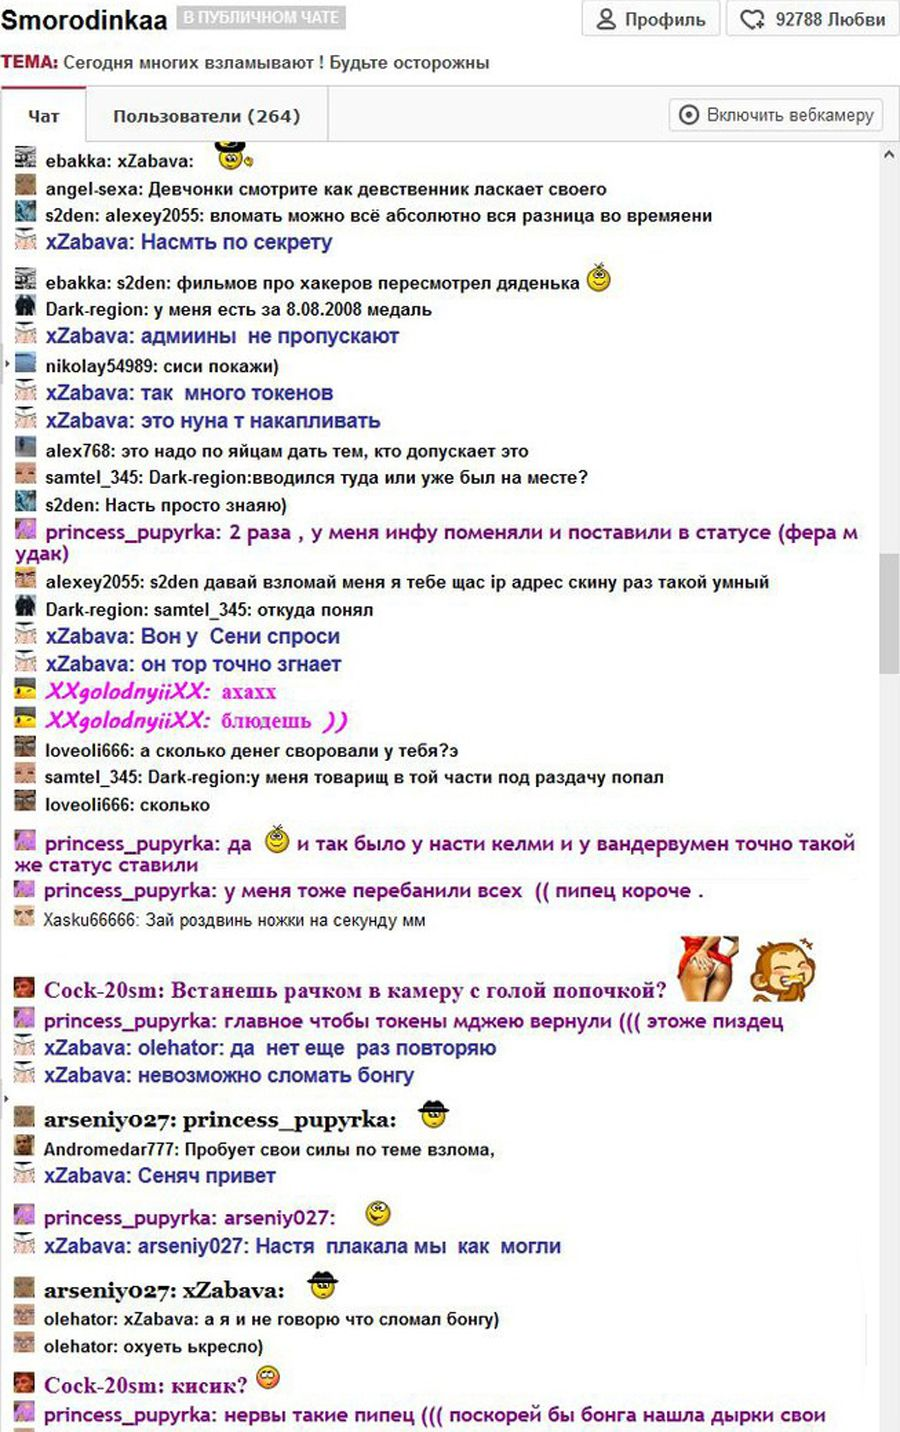 Вебкам модель Smorodinkaa рассказала о взломе в своем чате